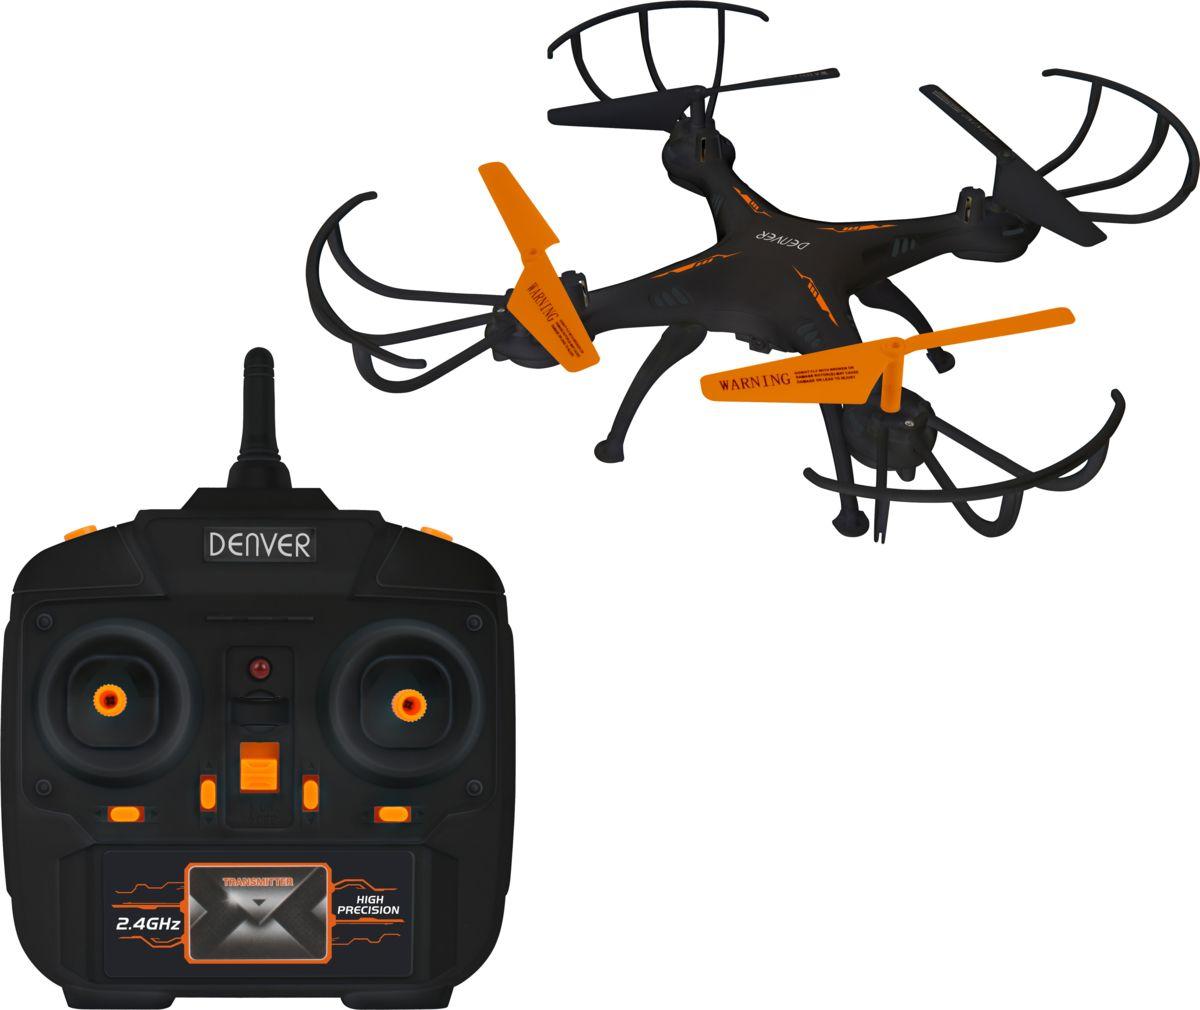 DENVER Denver Drohne »Quadrocopter Drohne DCH-260«